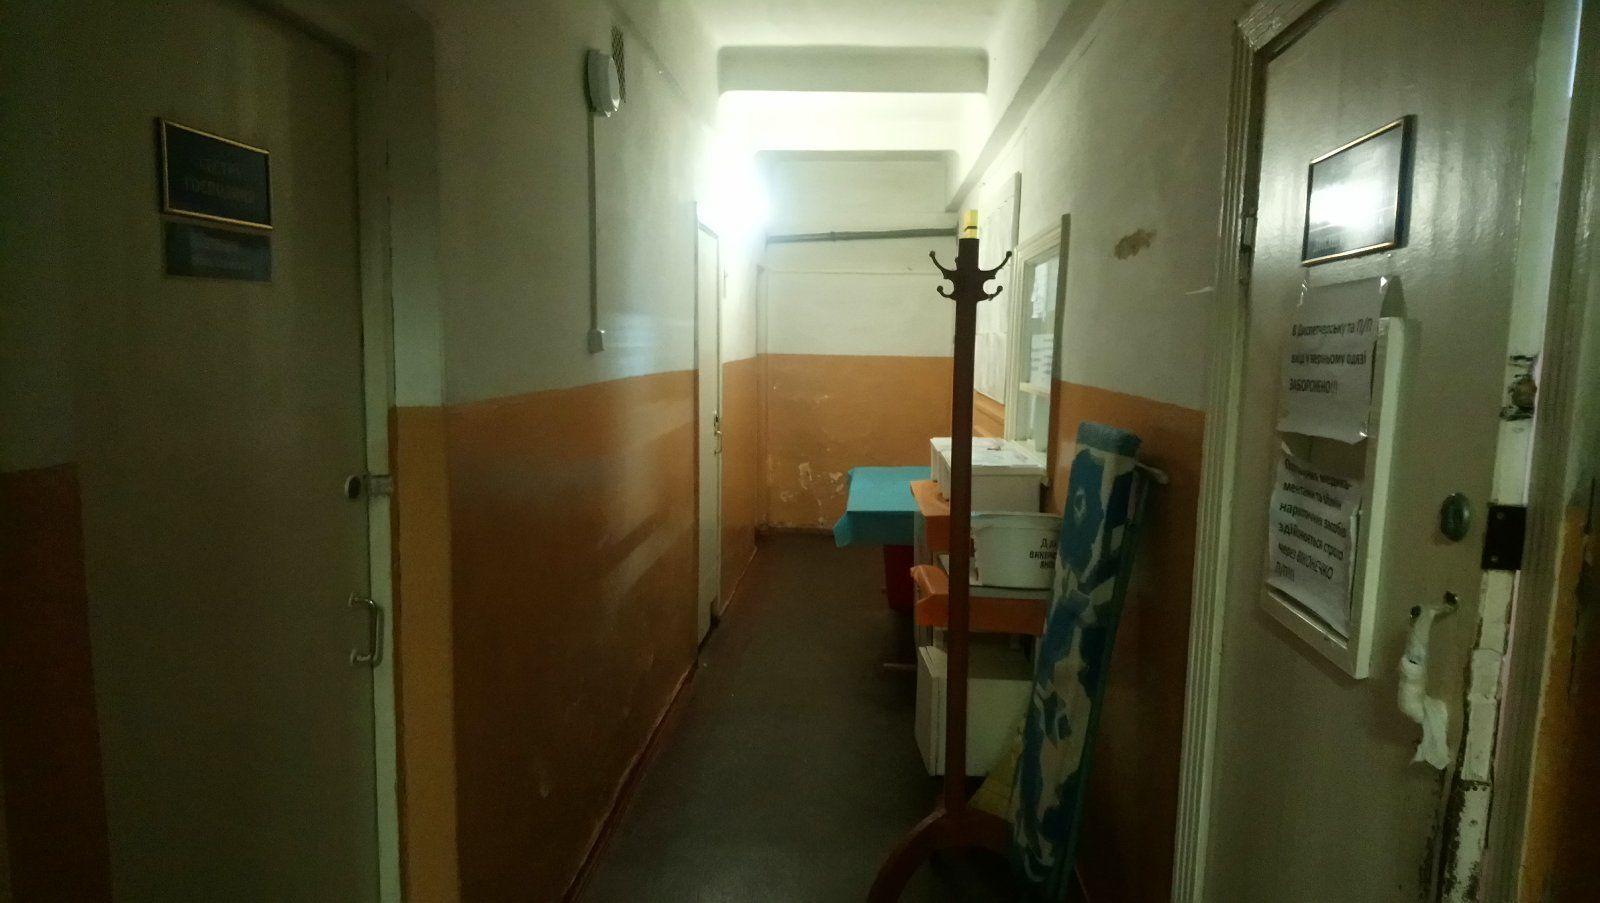 Медработники станции скорой медицинской помощи в Виннице жалуются на ужасные условия труда